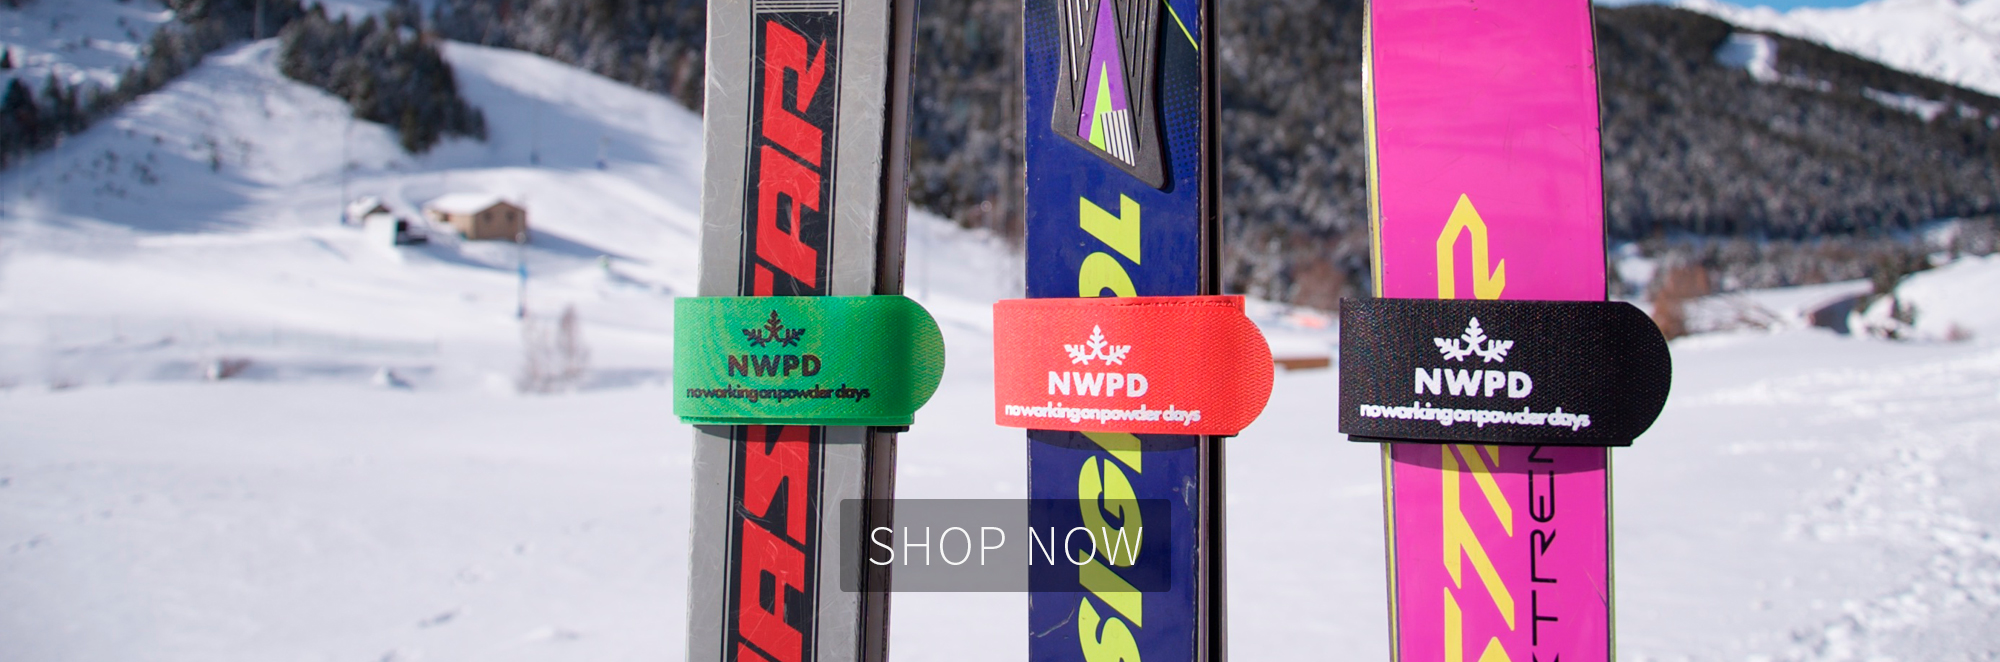 NWPD-Slide-18-ski-straps